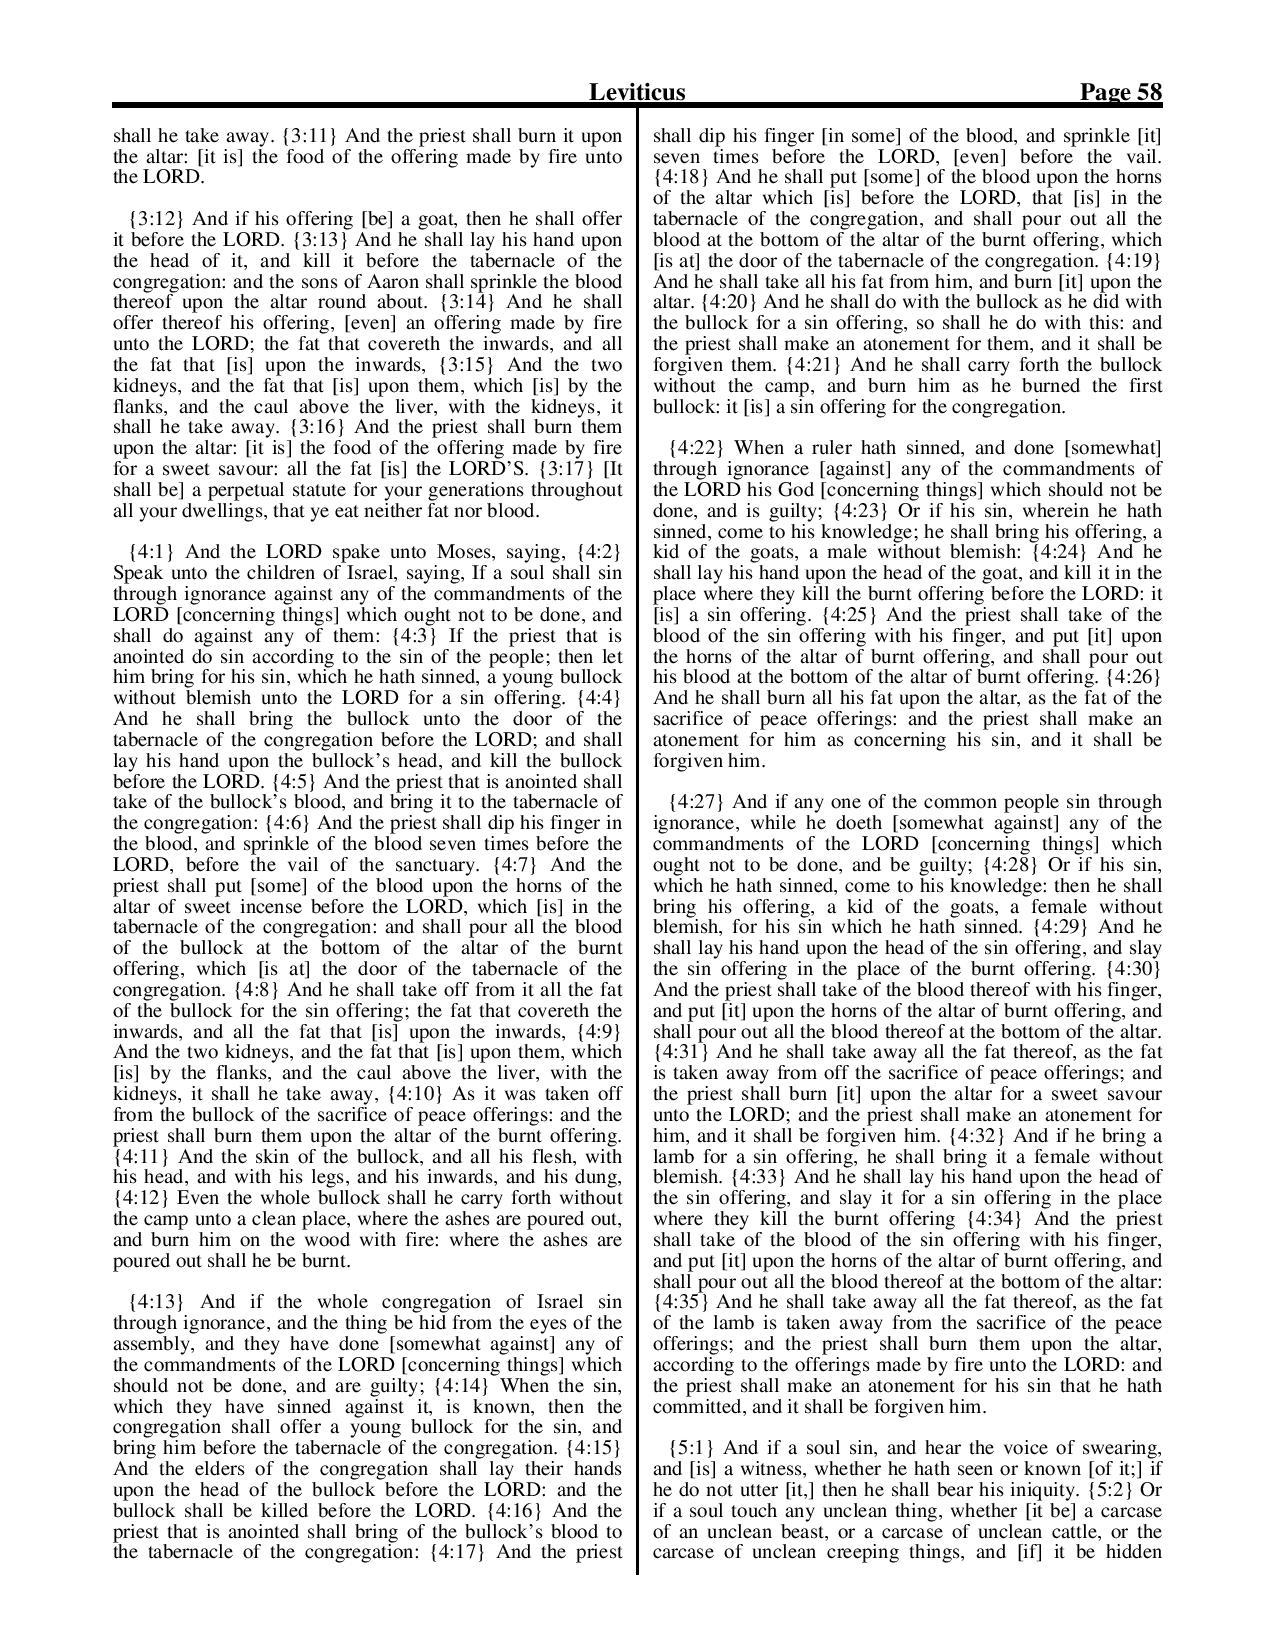 King-James-Bible-KJV-Bible-PDF-page-079